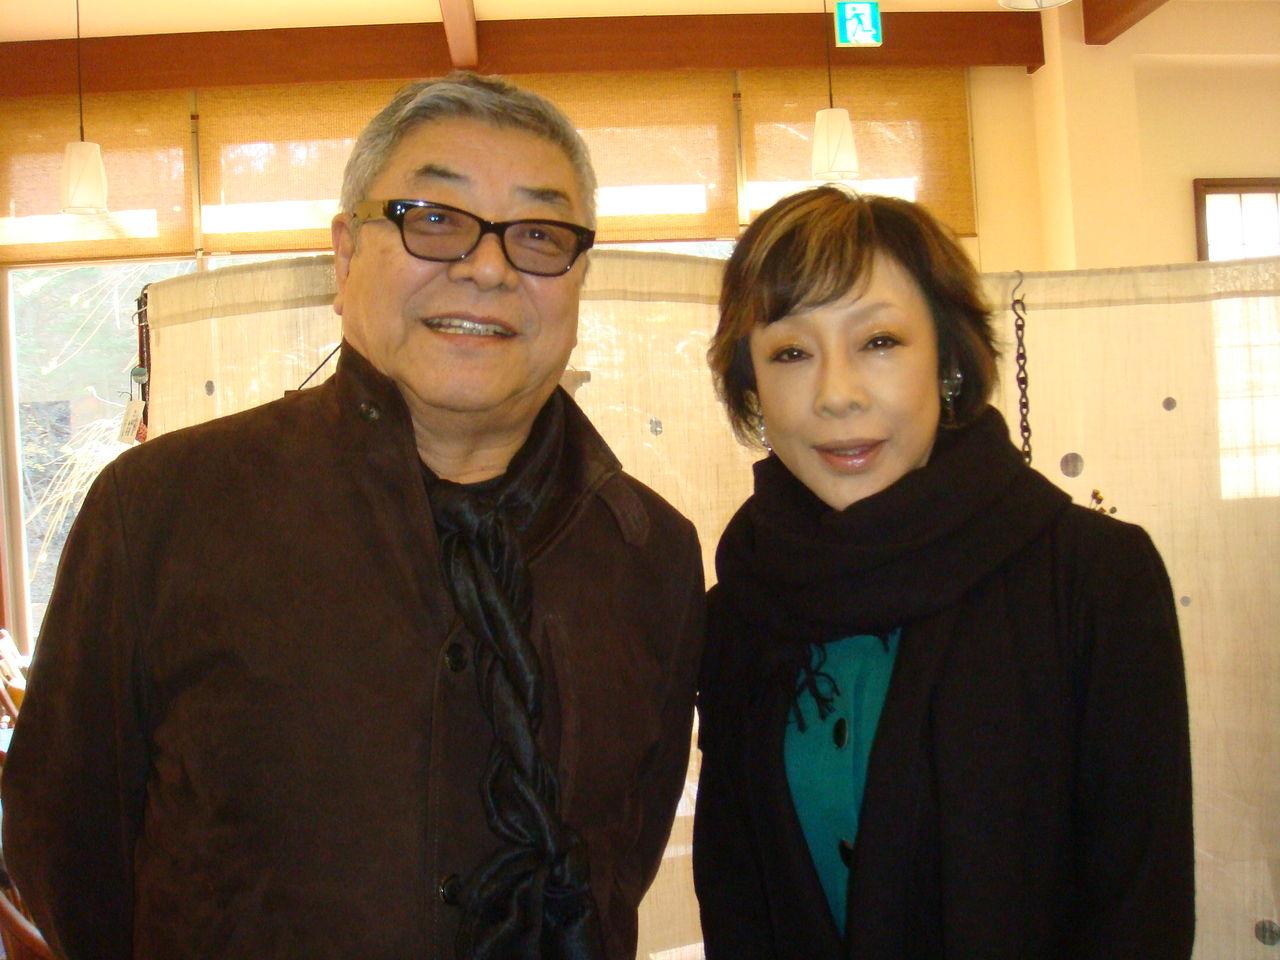 中尾彬の現在の妻は池波志乃!前妻は実はあの女優だった!?のサムネイル画像